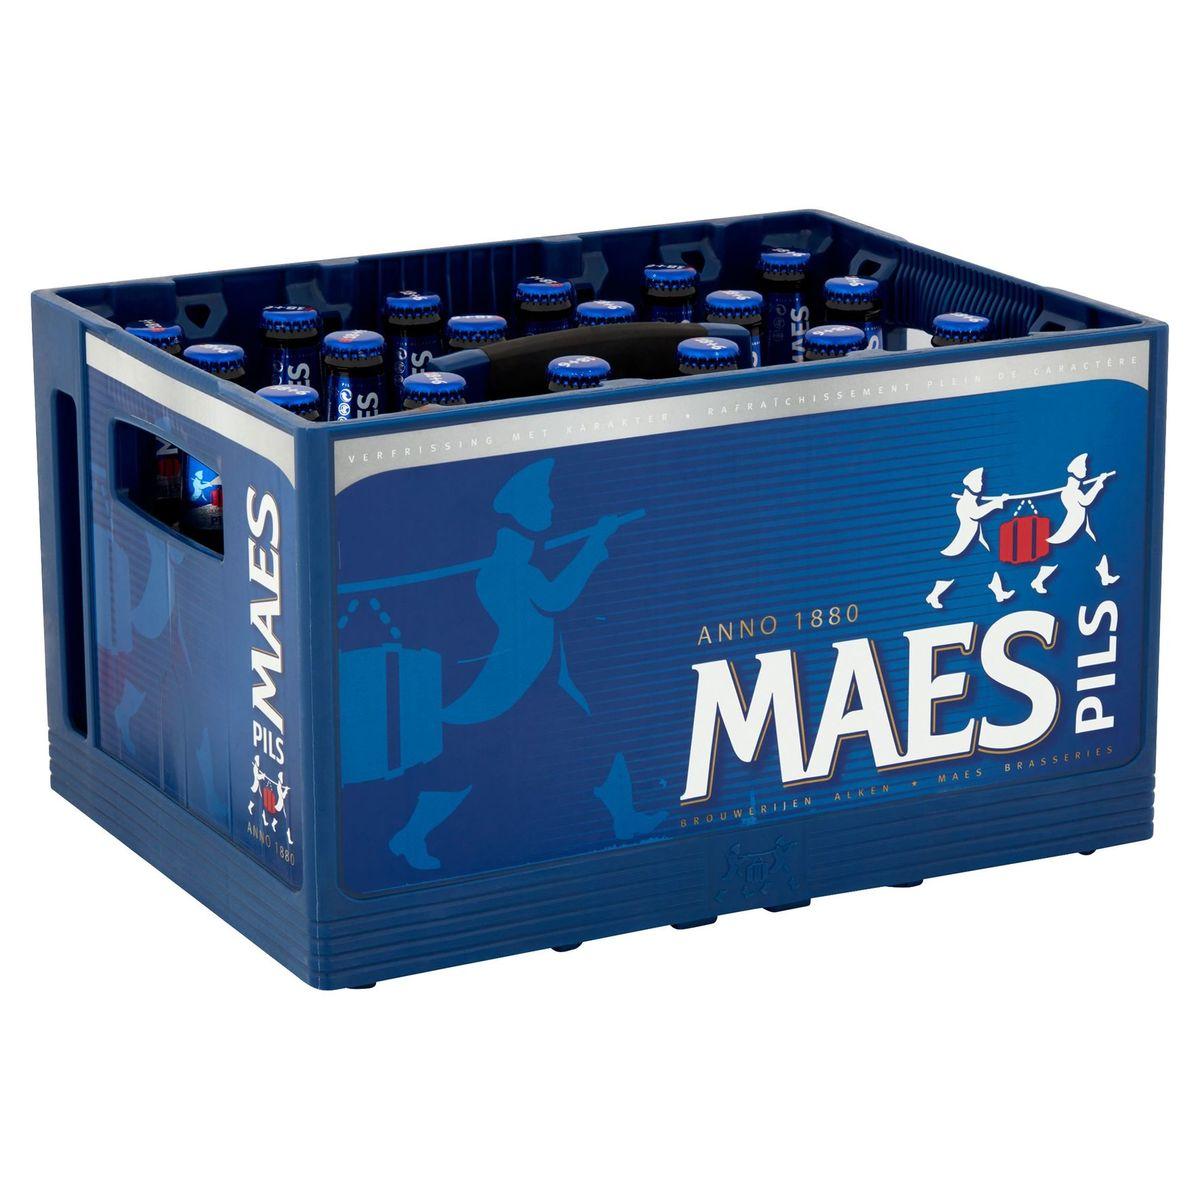 Maes Blond bier Pils 5.2% ALC 24x25cl Bak